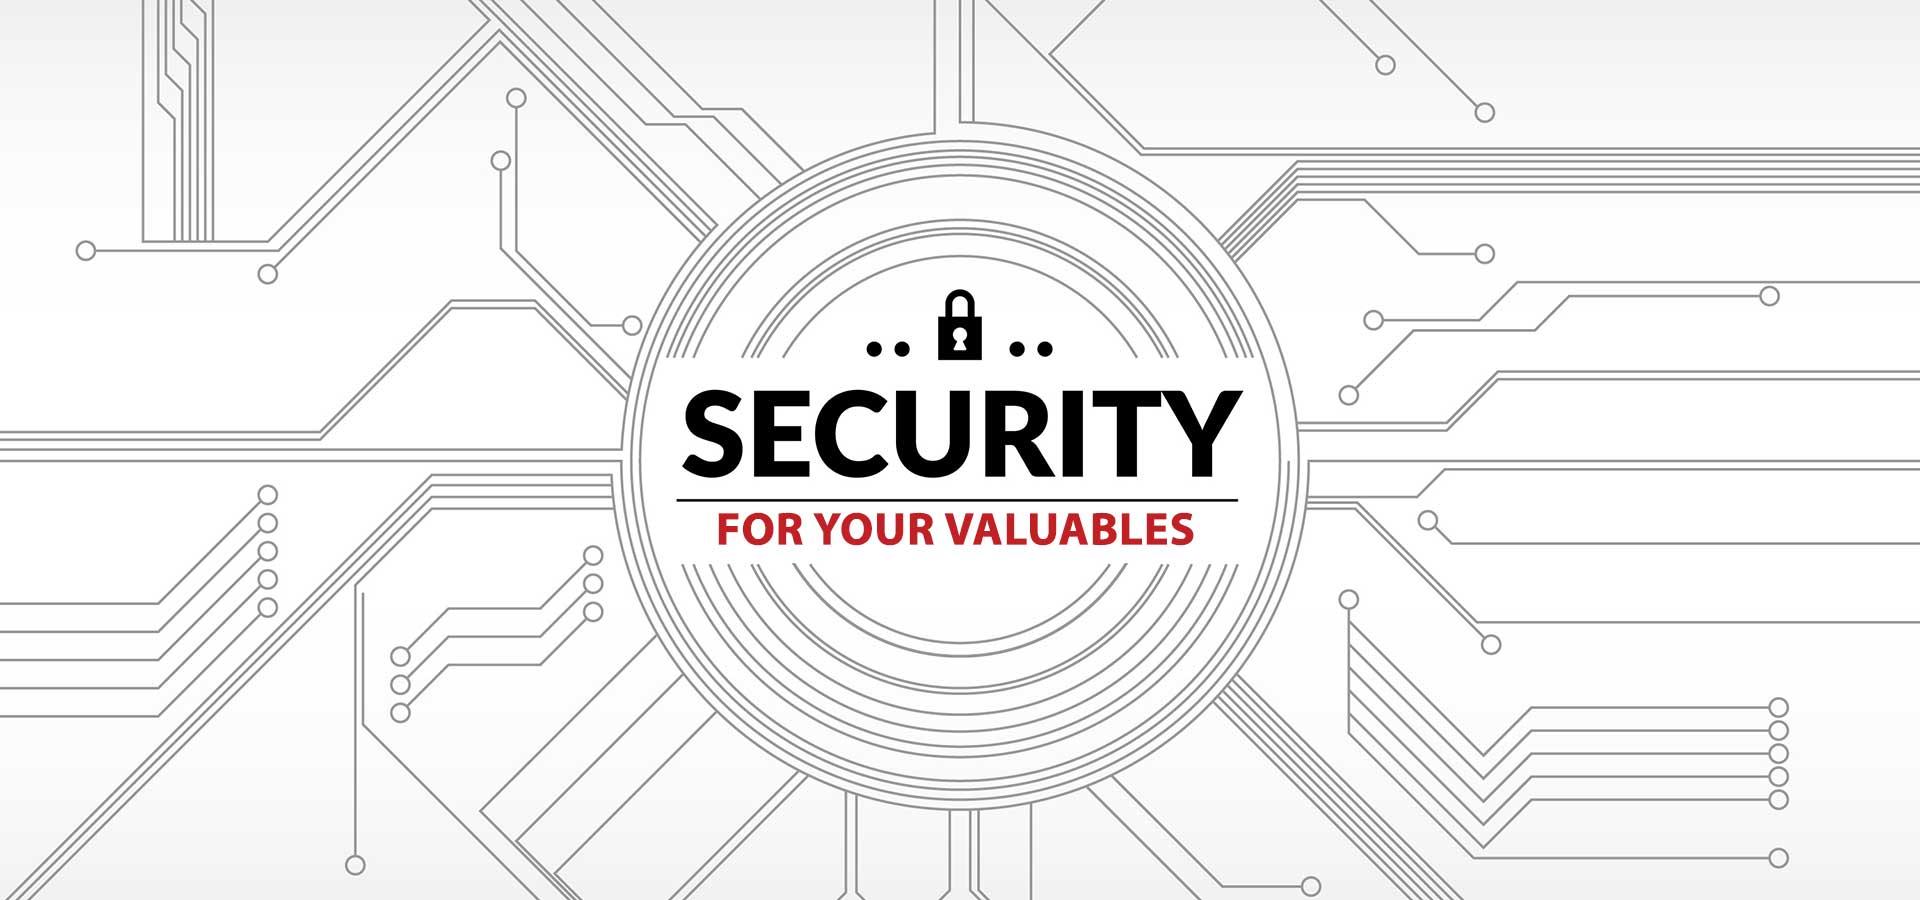 Salvadosafe security safes